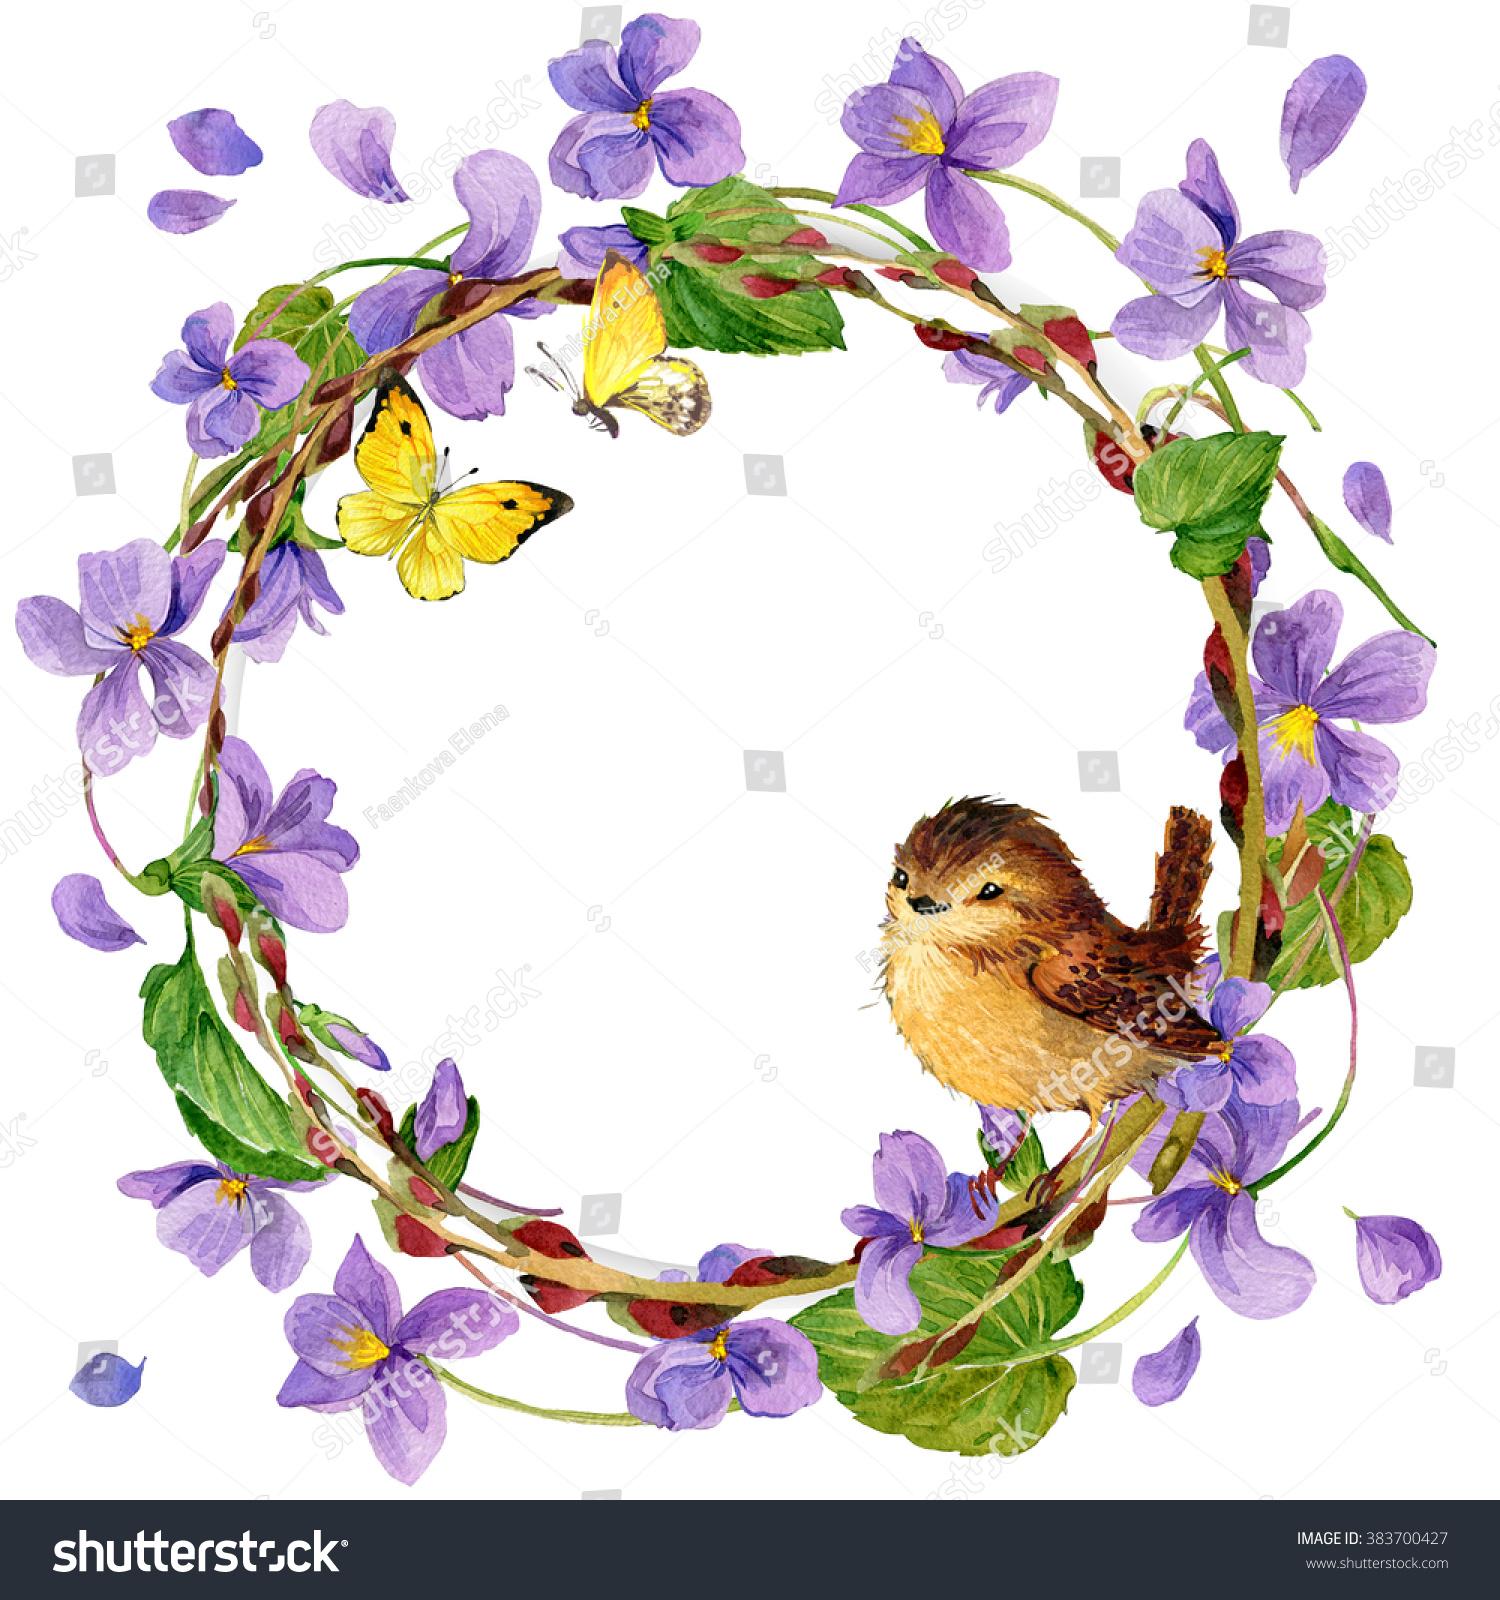 Cute spring flower - Watercolor Spring Flowers Wreath And Bird Watercolor Flowers Flowers Frame Cute Bird